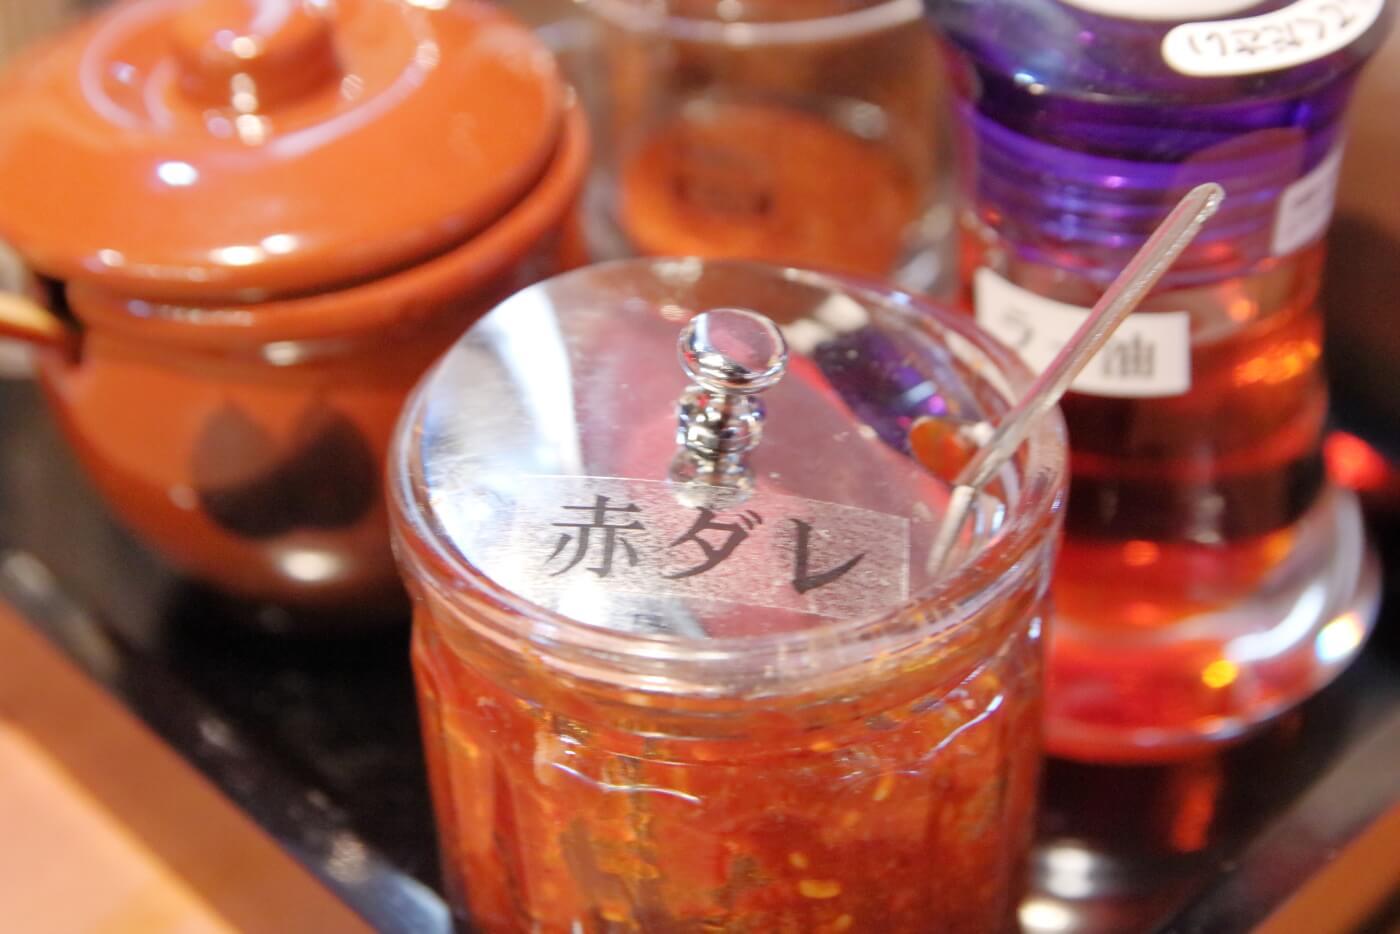 製麺処蔵木南国店 赤ダレの容器